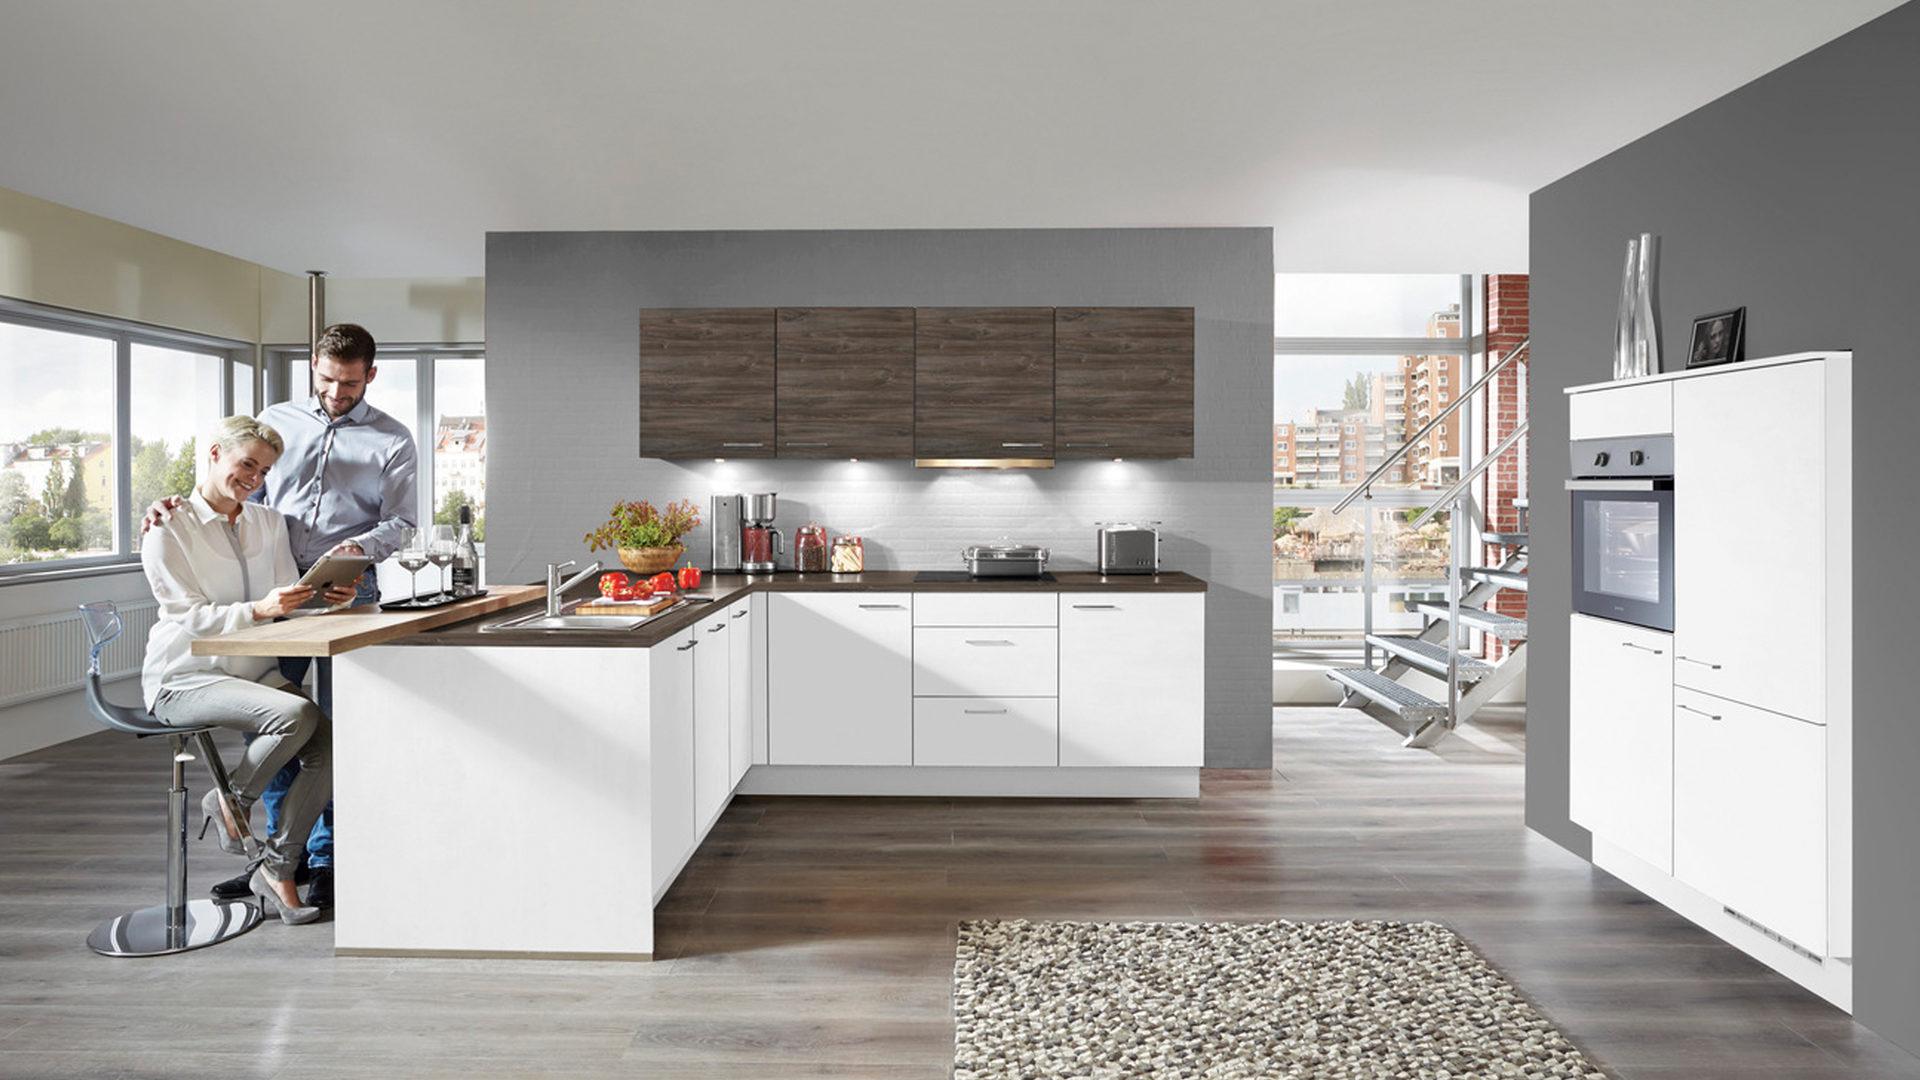 Gorenje Kühlschrank In Betrieb Nehmen : Wohnland breitwieser markenshops einbauküchen einbauküche